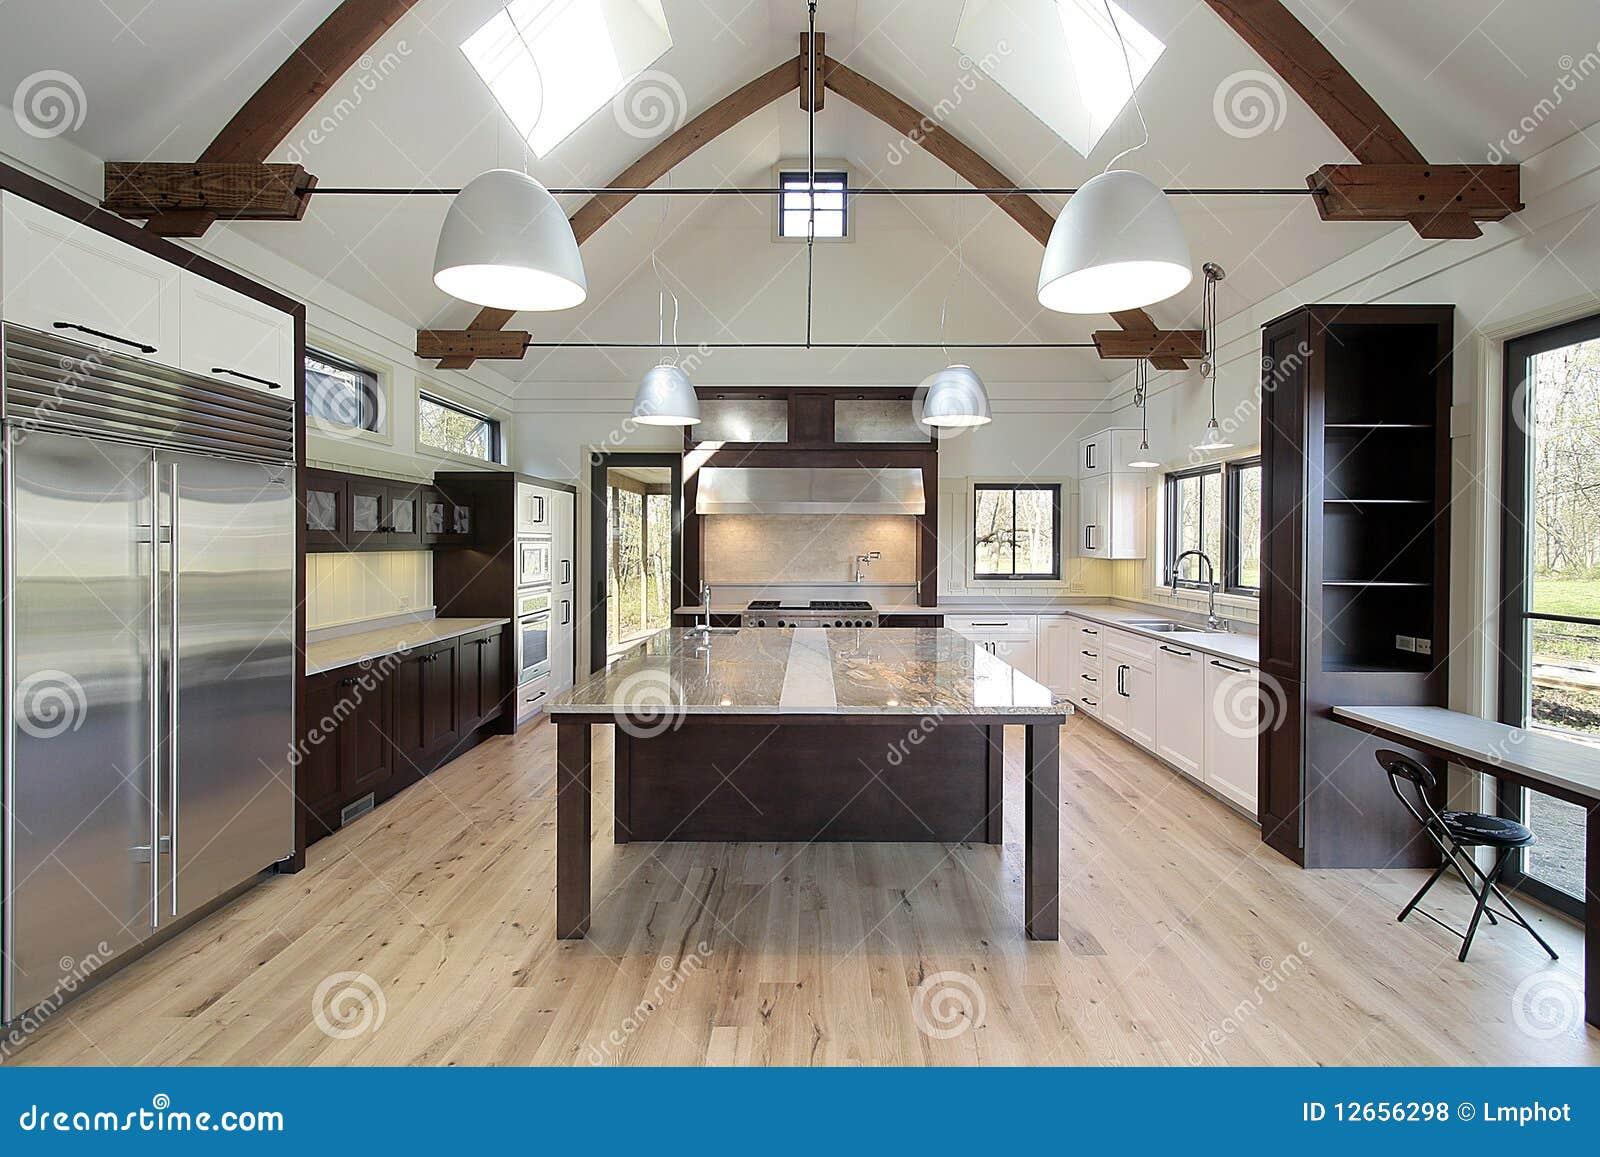 Cozinha Moderna Lustrosa Foto De Stock Imagem De Lighting 12656298